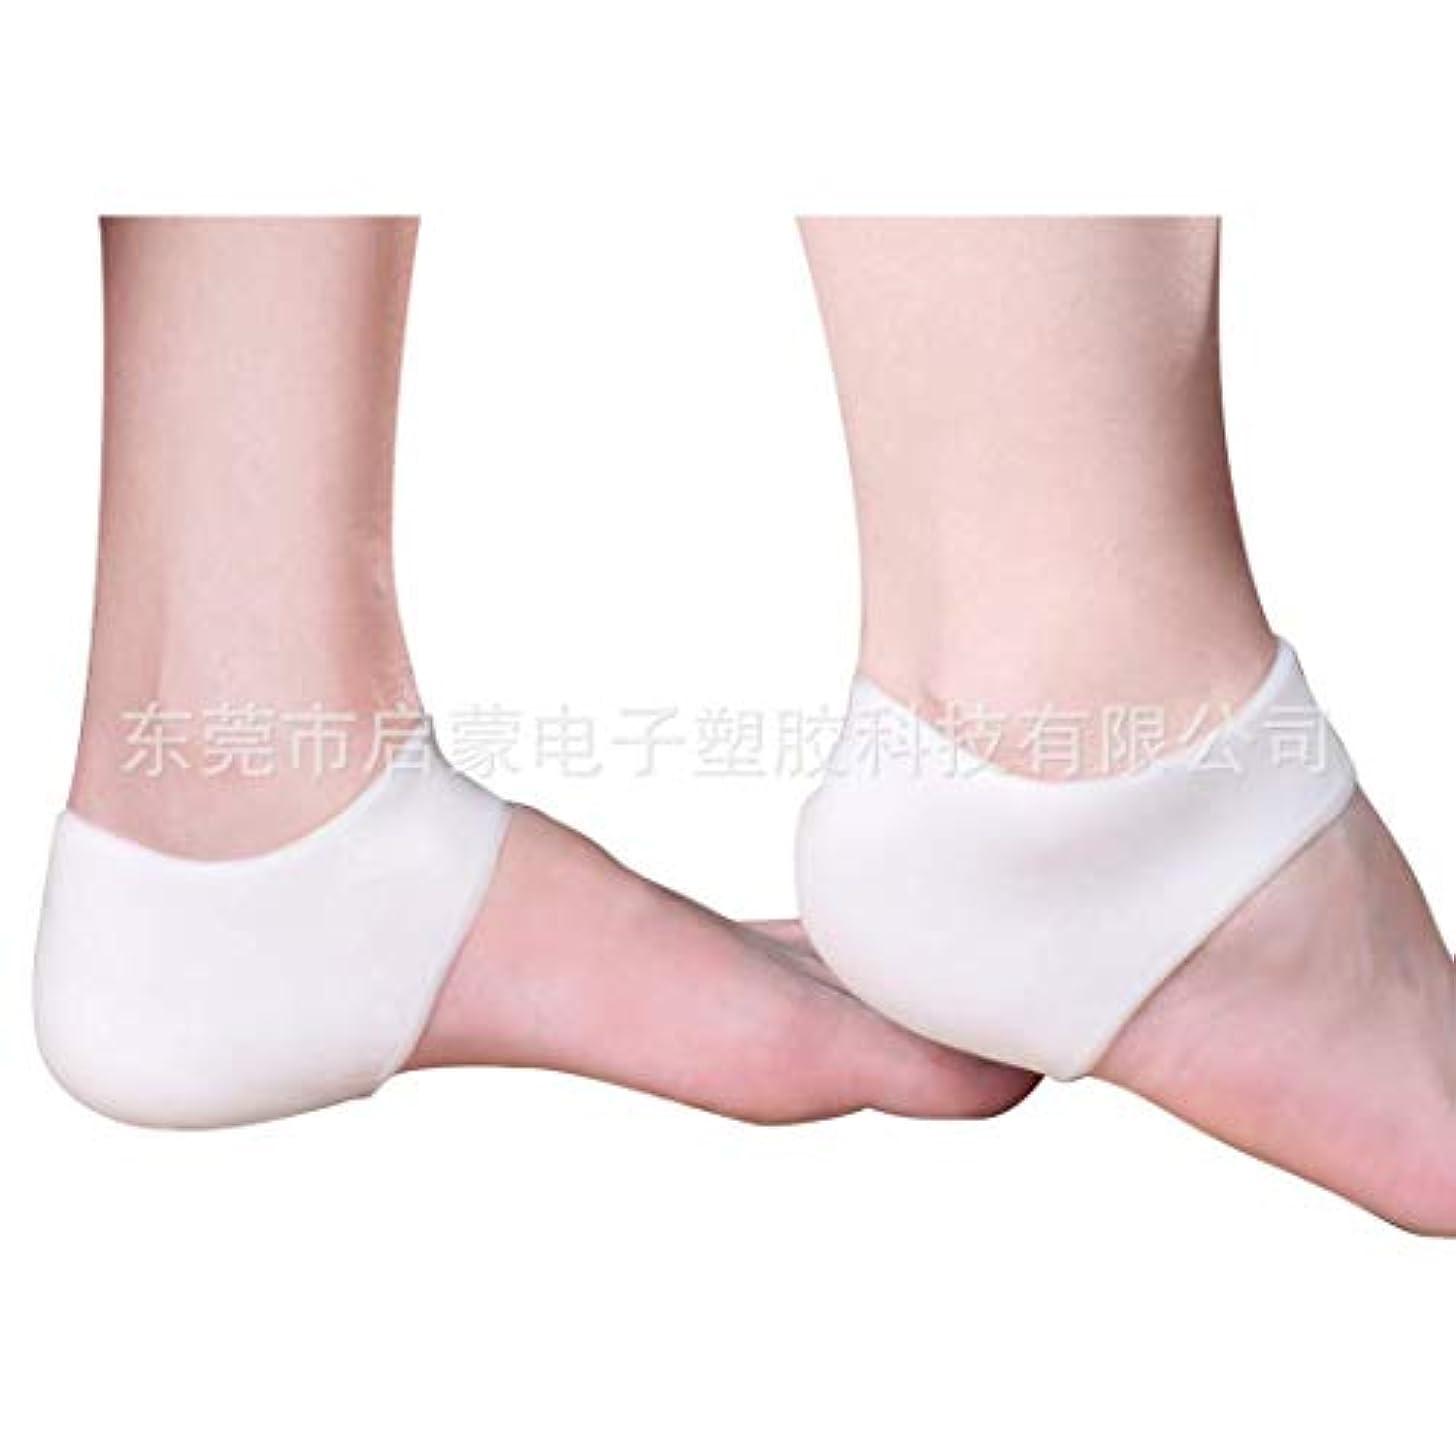 変更故意に飛躍SALEARZA かかとのひび割れ防止シリコン足保護スリーブ美容保湿厚い通気性のシリコーン